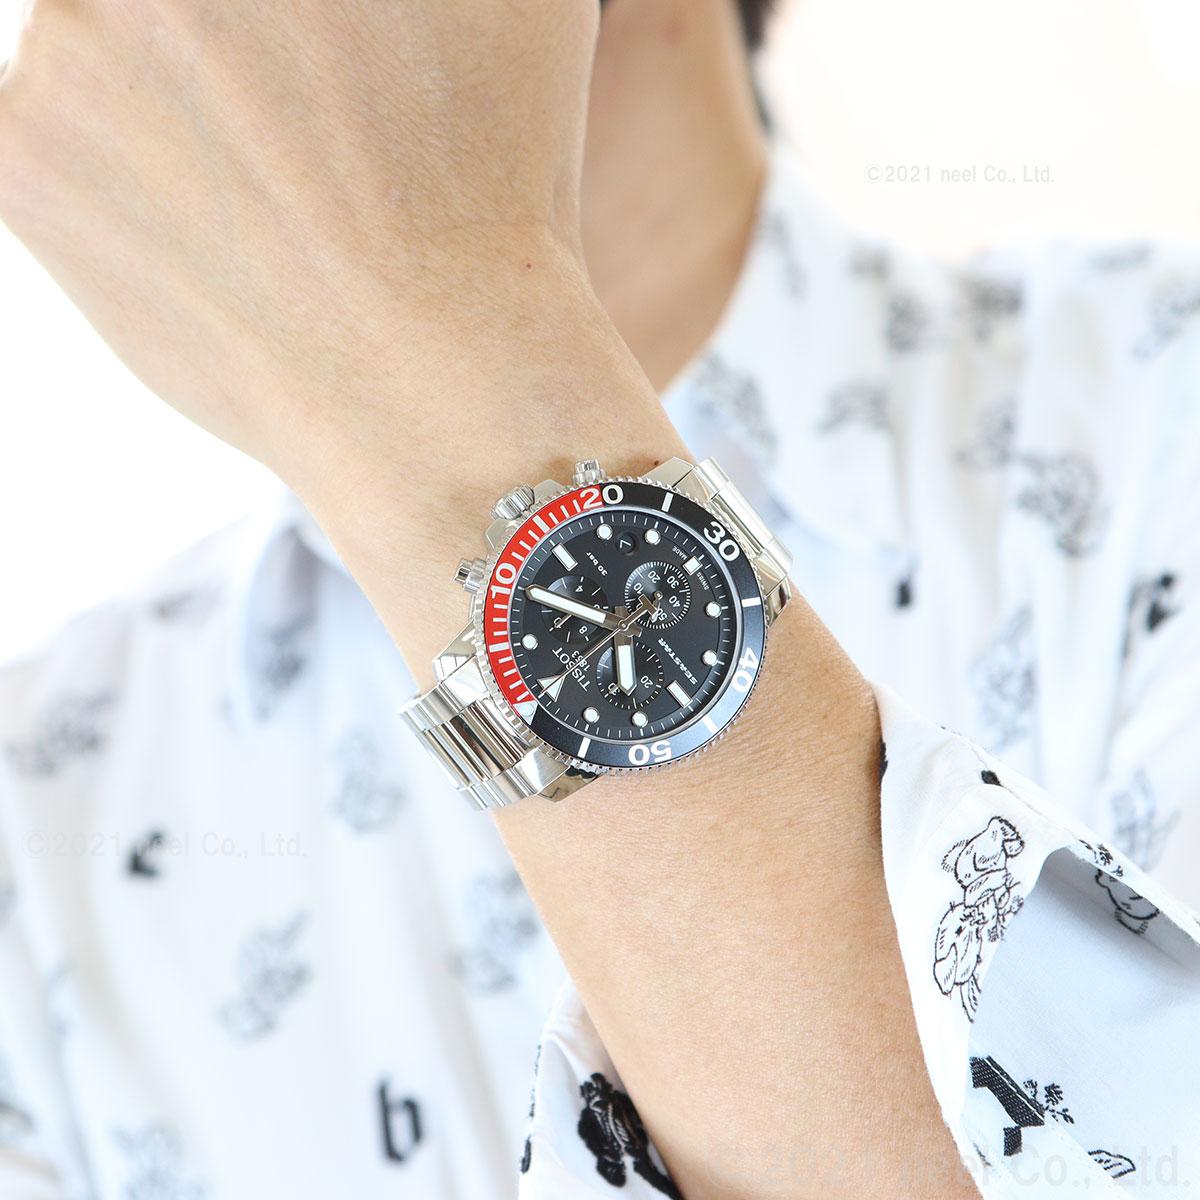 ティソ TISSOT 腕時計 メンズ シースター 1000 クロノグラフ SEASTAR 1000 CHRONOGRAPH T120.417.11.051.01